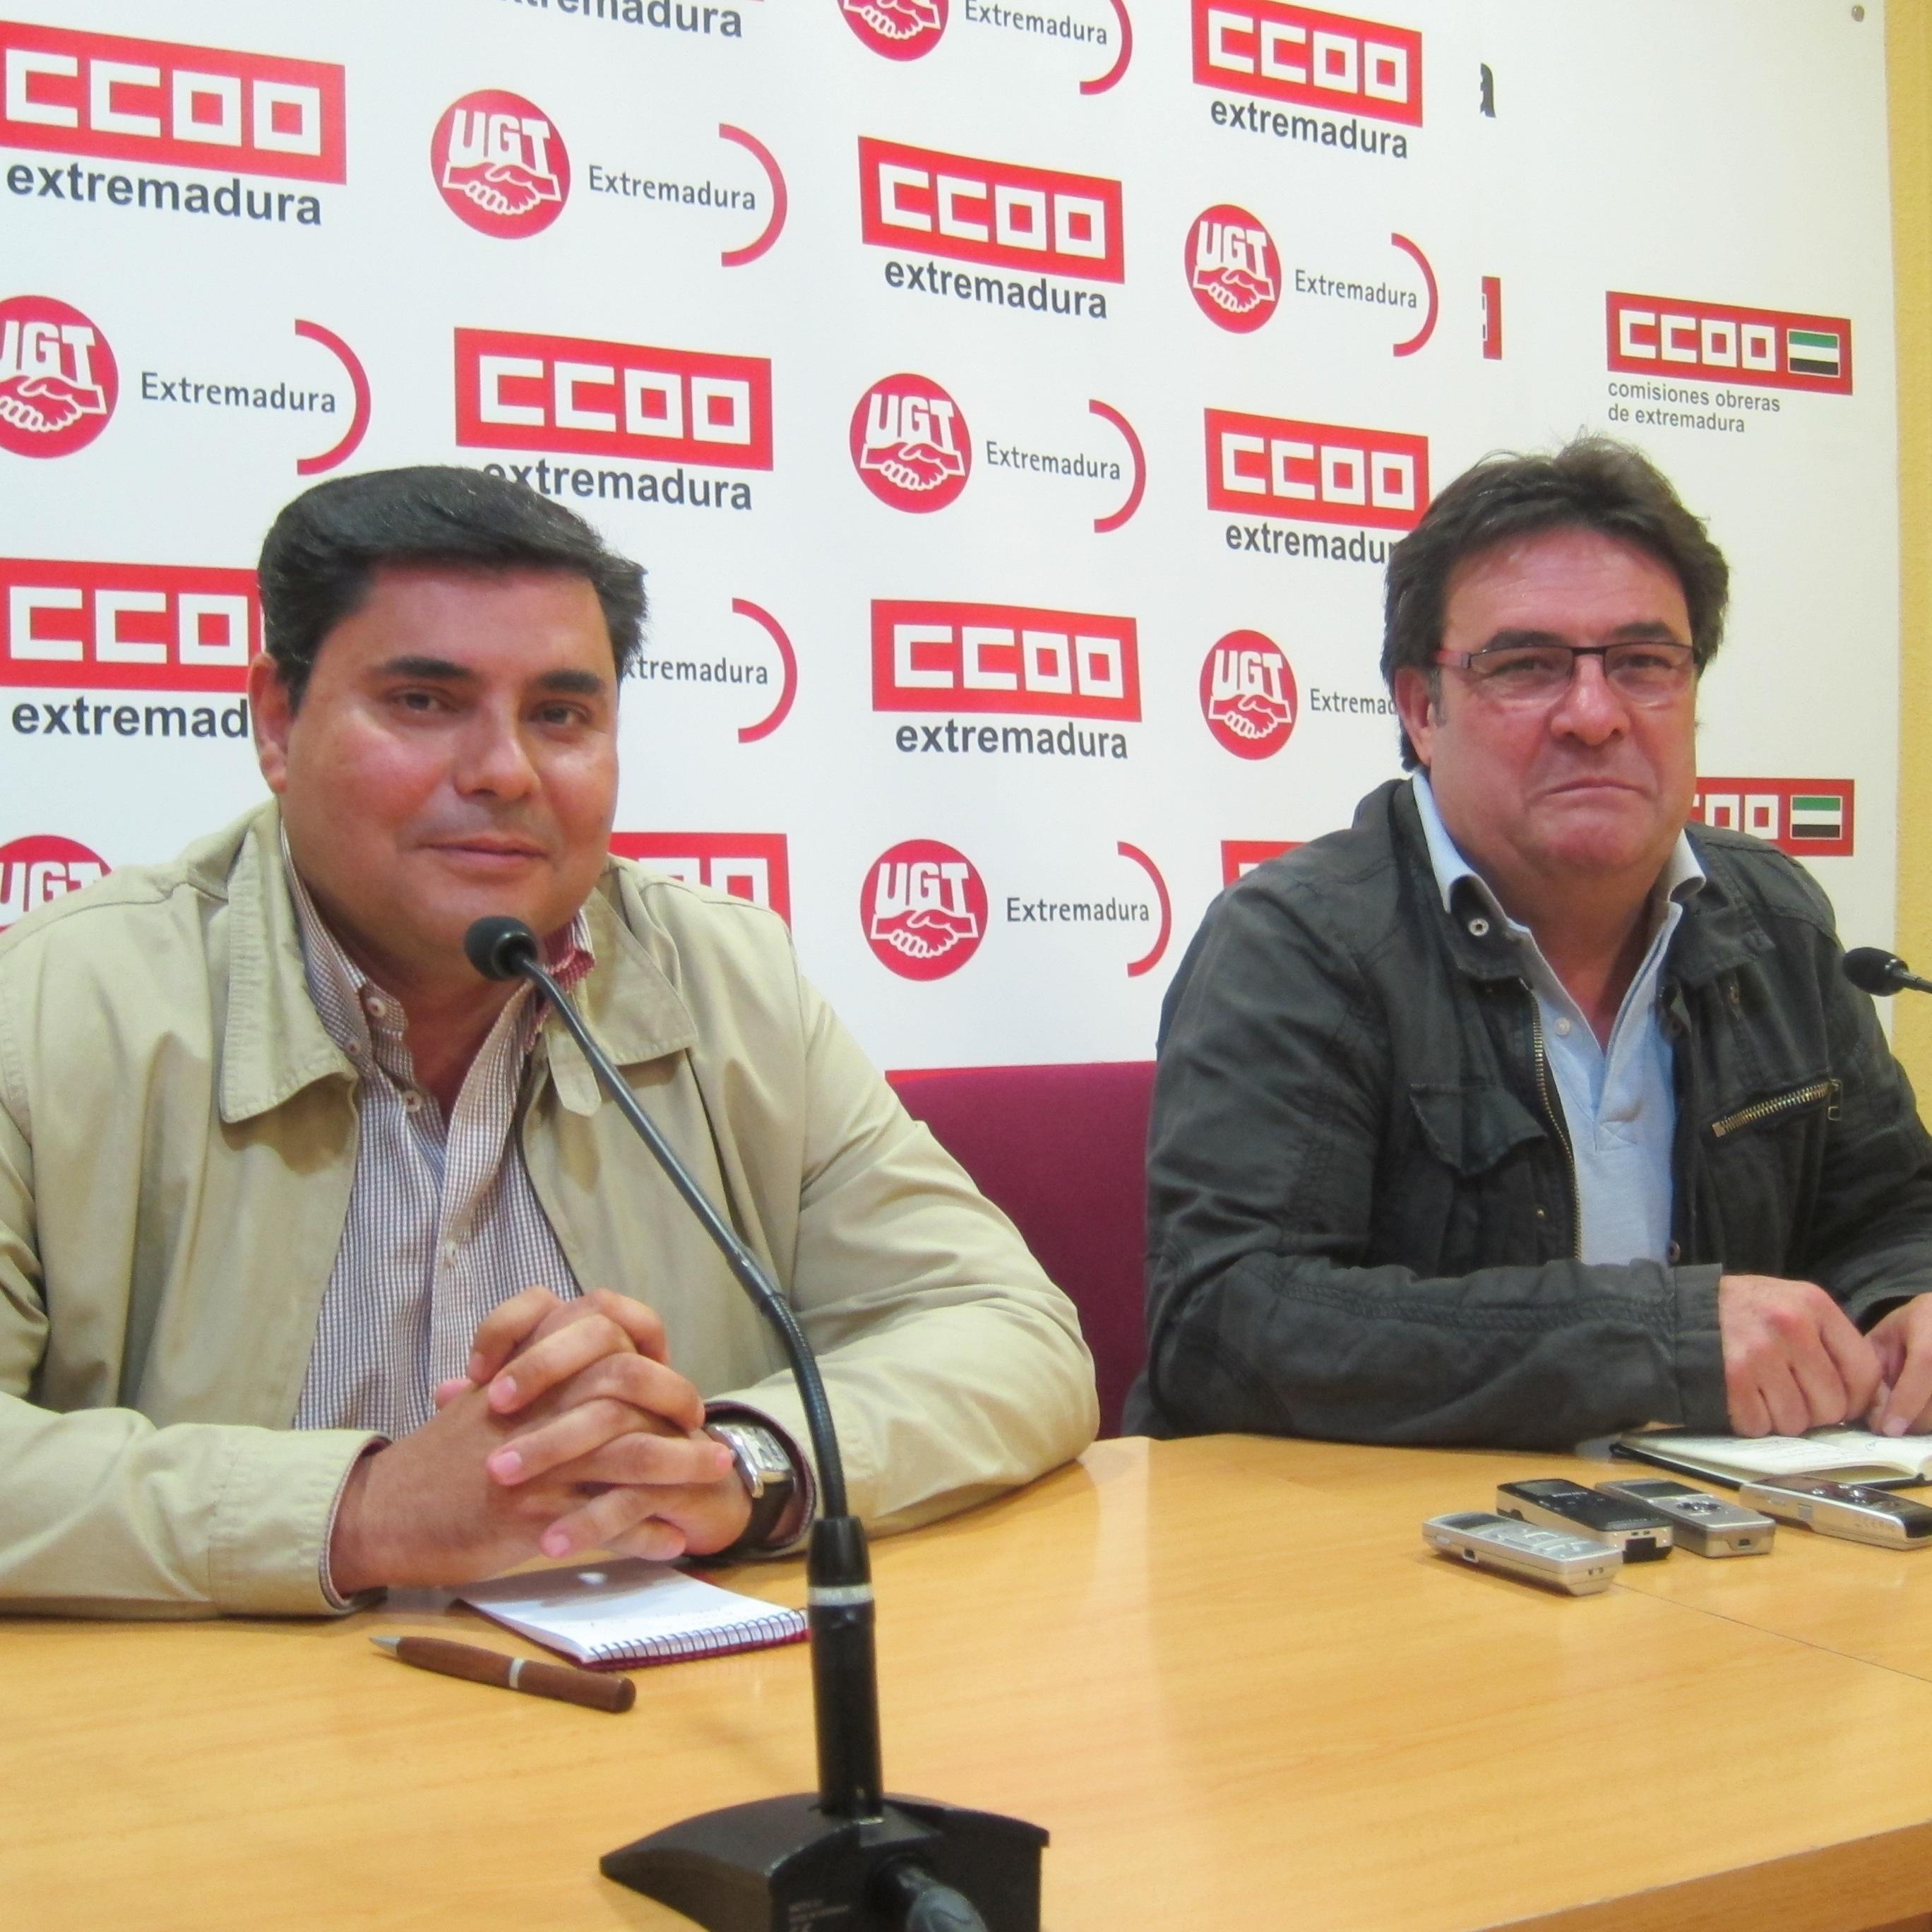 CCOO y UGT piden a Monago una mesa «específica» que debata sobre el futuro de los fondos de la UE hasta 2020